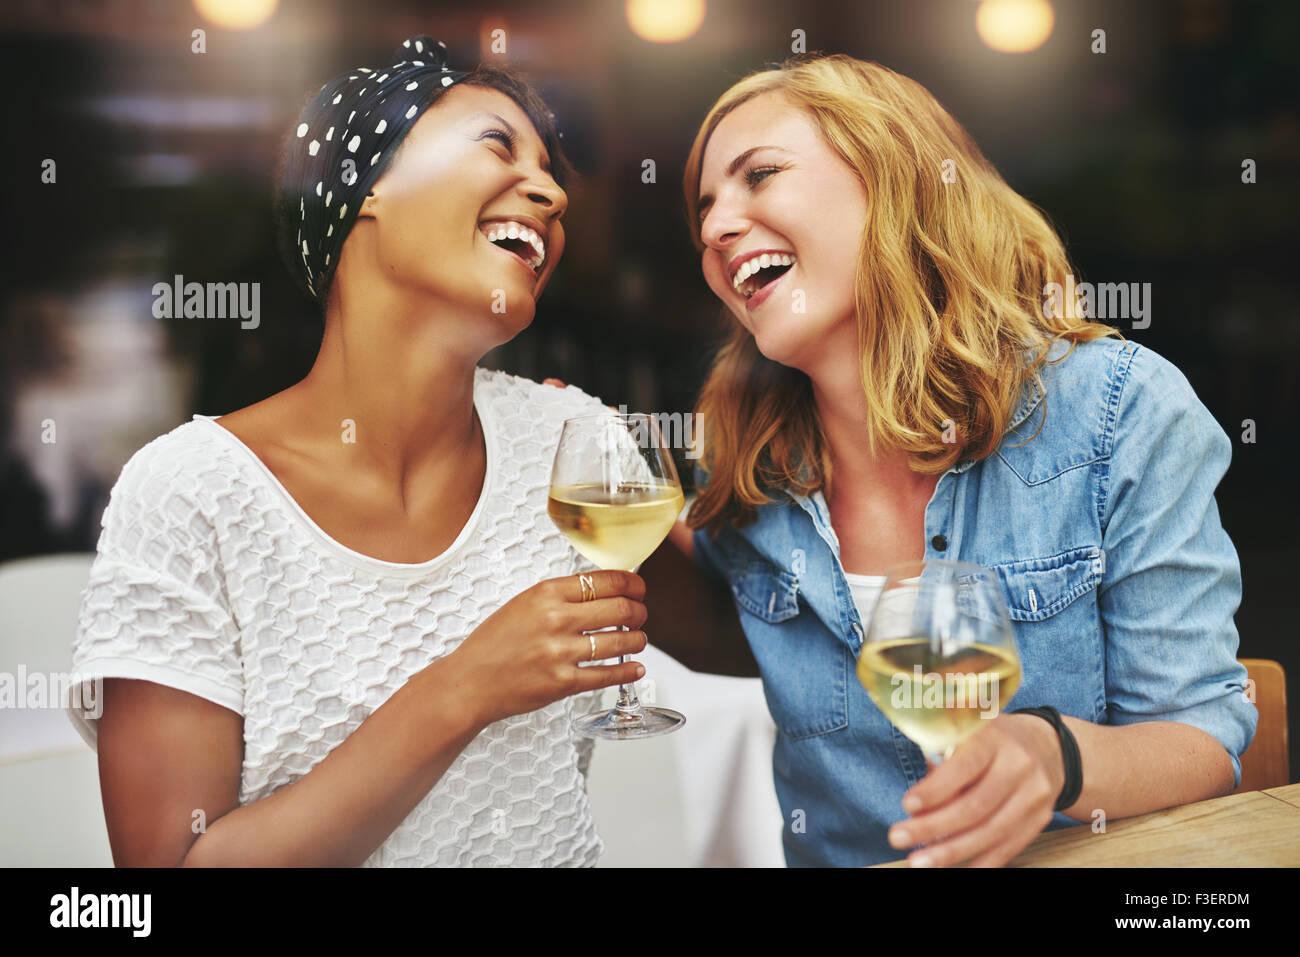 Zwei junge attraktive temperamentvoll multiethnischen Freundinnen feiern und lachen zusammen über ein Glas Stockbild